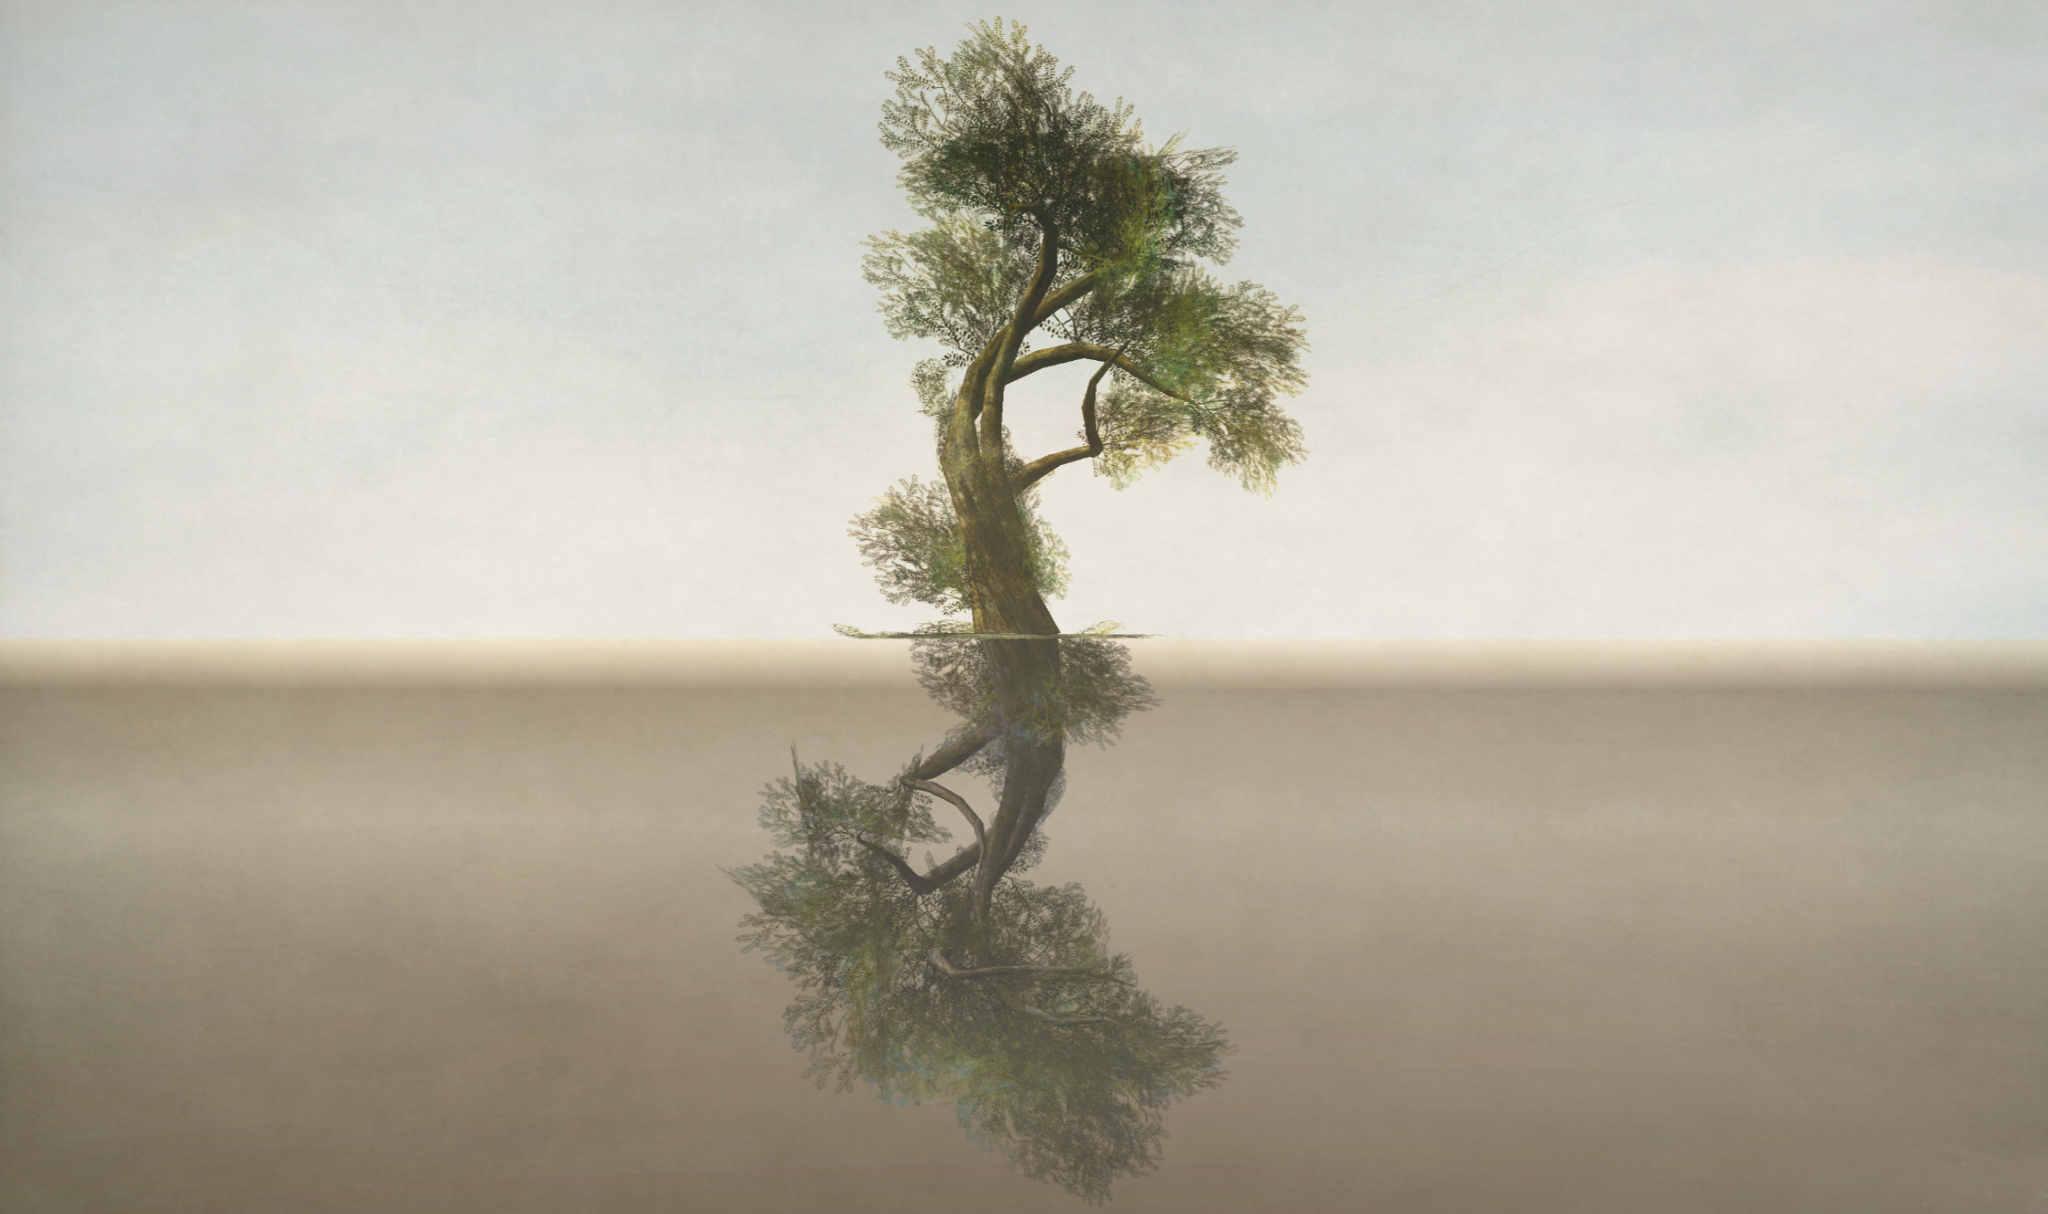 Solitudes 3, by Melusina Parkin